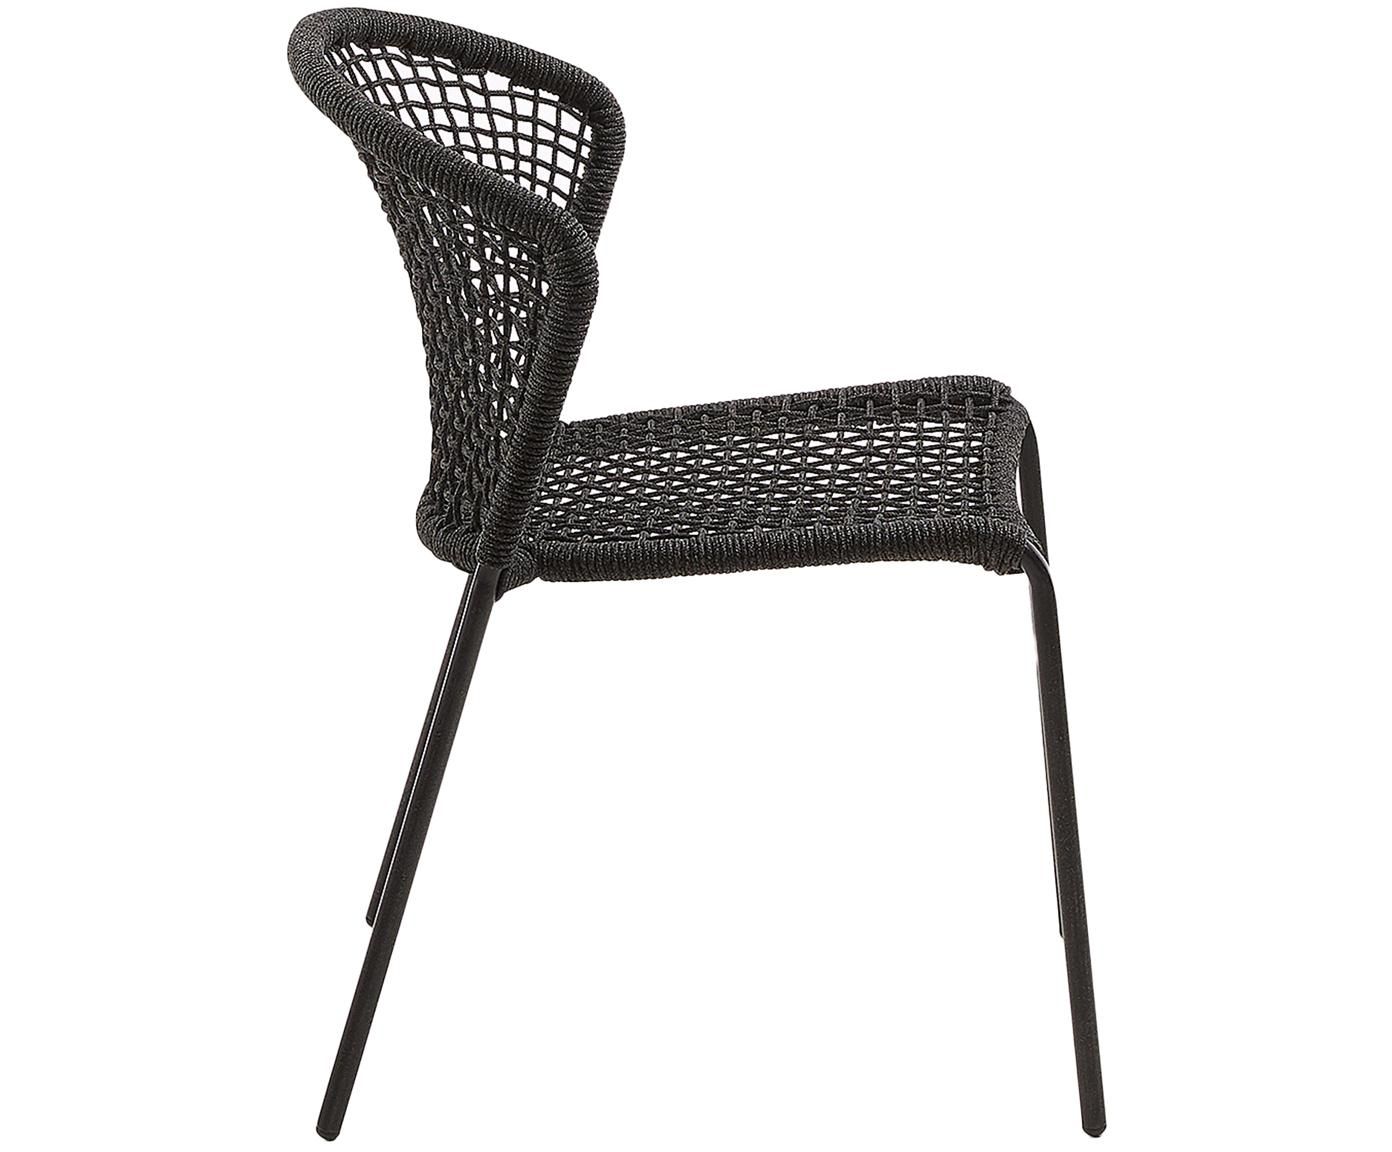 Krzesło ogrodowe Mathias, 2 szt., Nogi: metal malowany proszkowo, Ciemnyszary, S 55 x G 62 cm